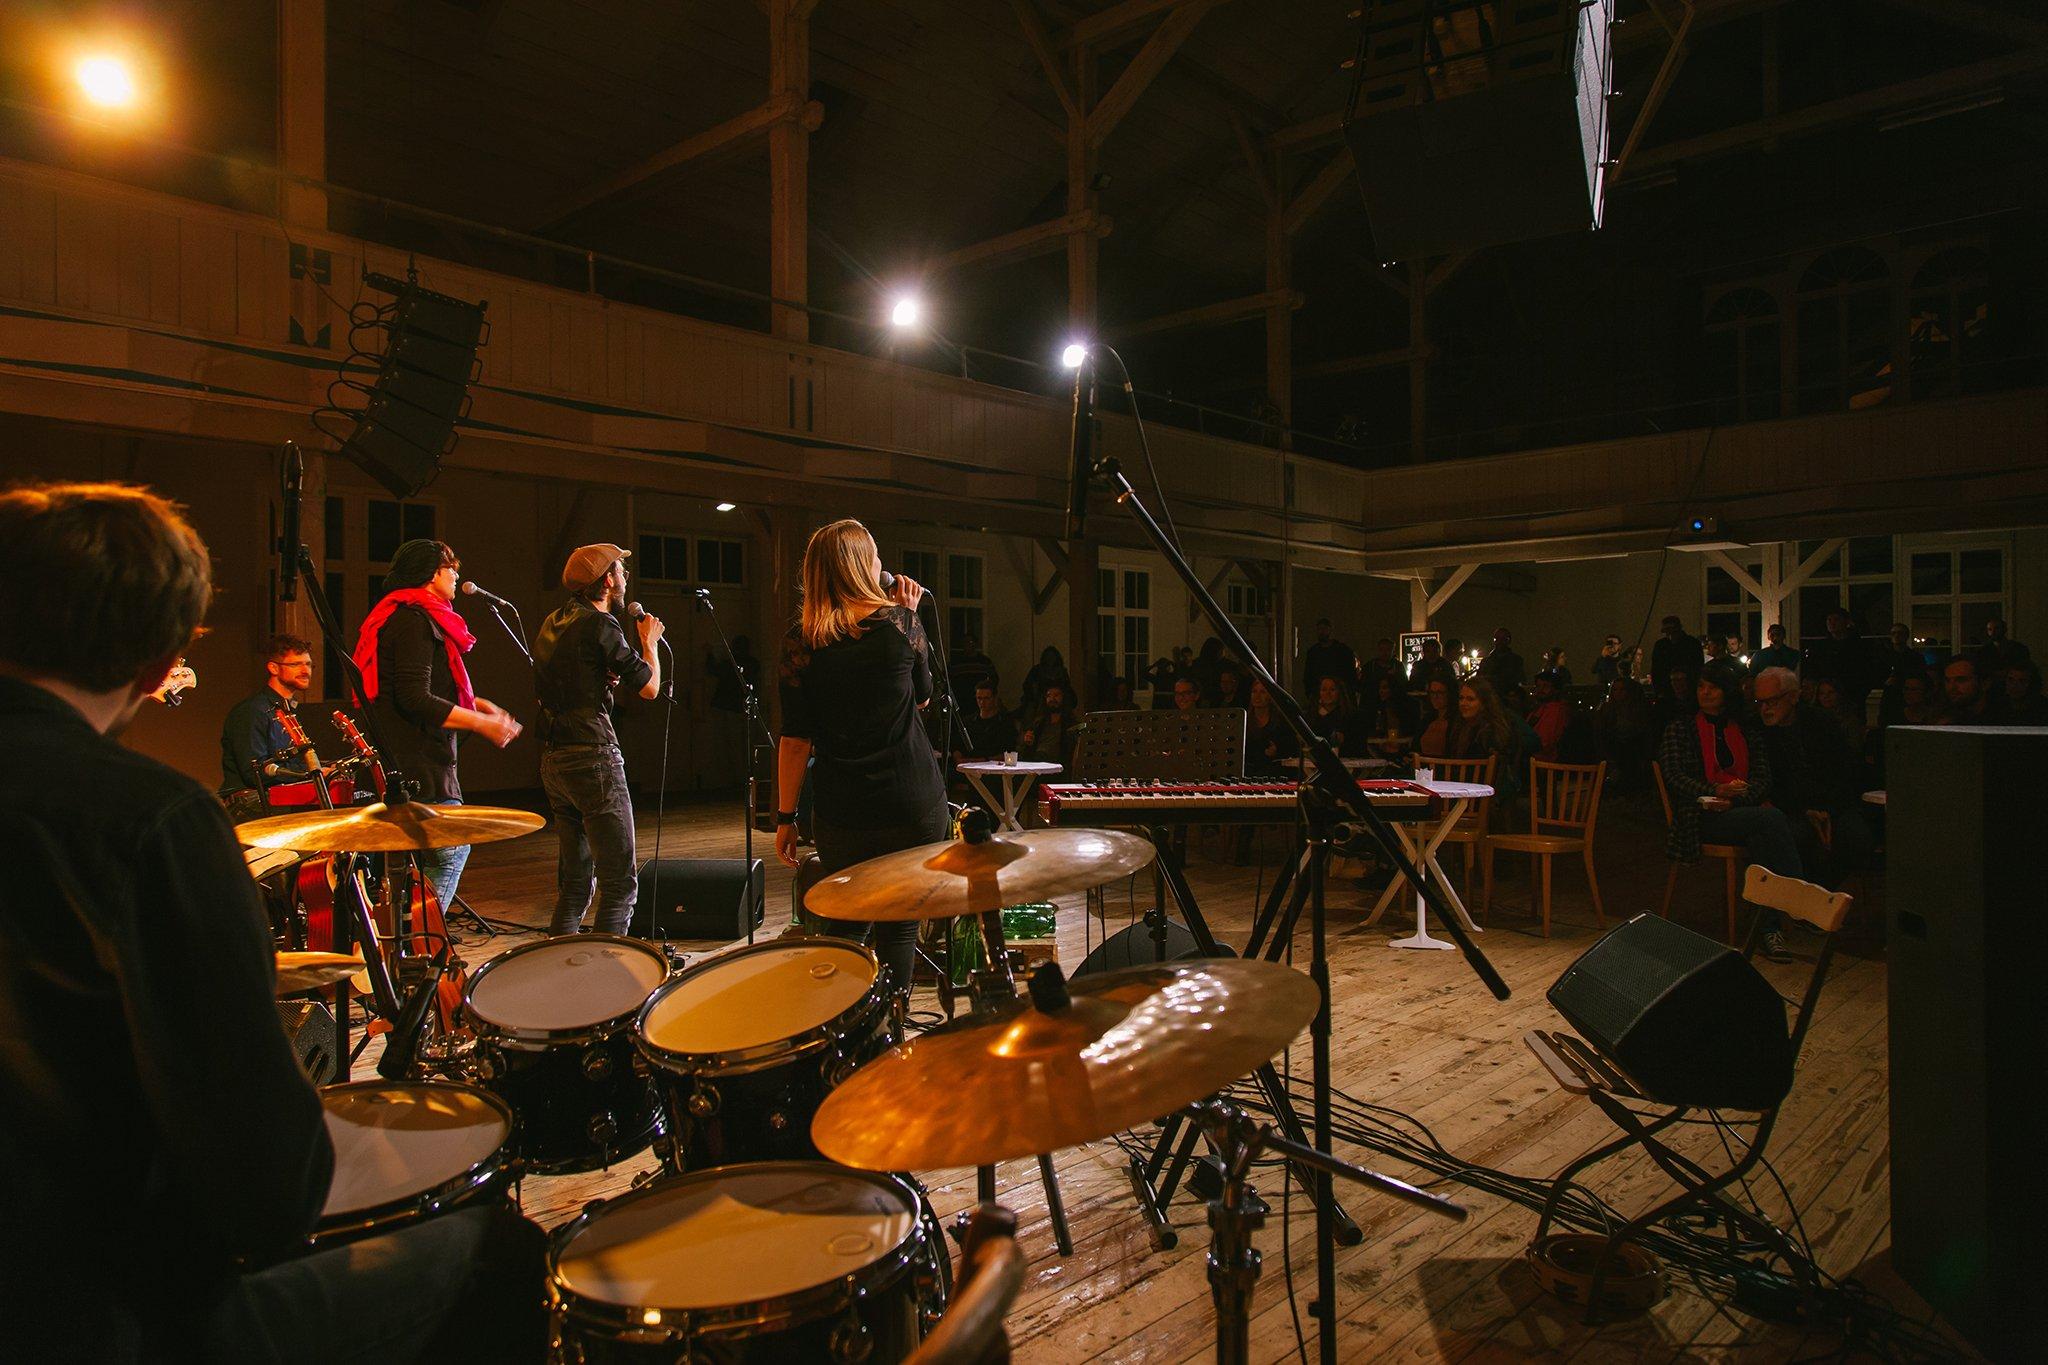 Eben-Ezer-Sessions am 18.10.2019: Band und Publilkum (Foto: Knut Burmeister, ALLTAG)